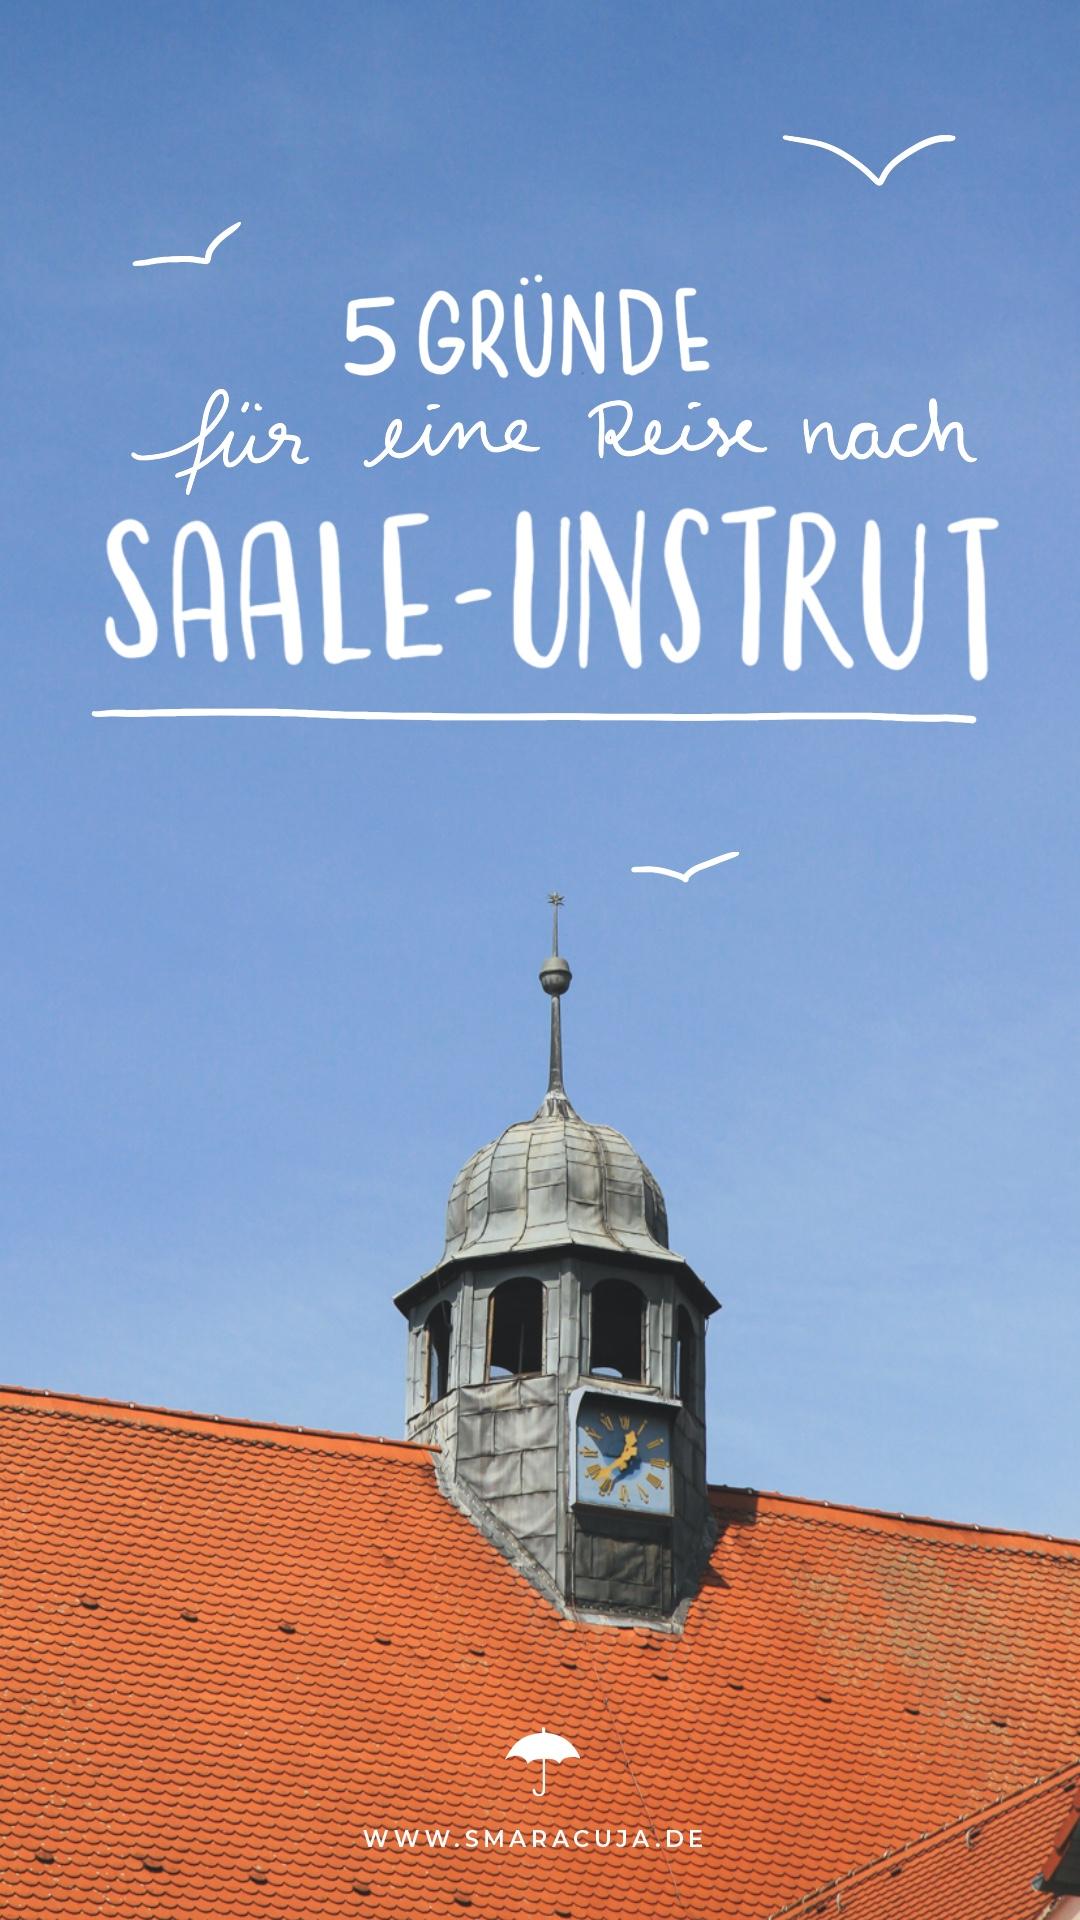 Wochenendtrip nach Saale-Unstrut